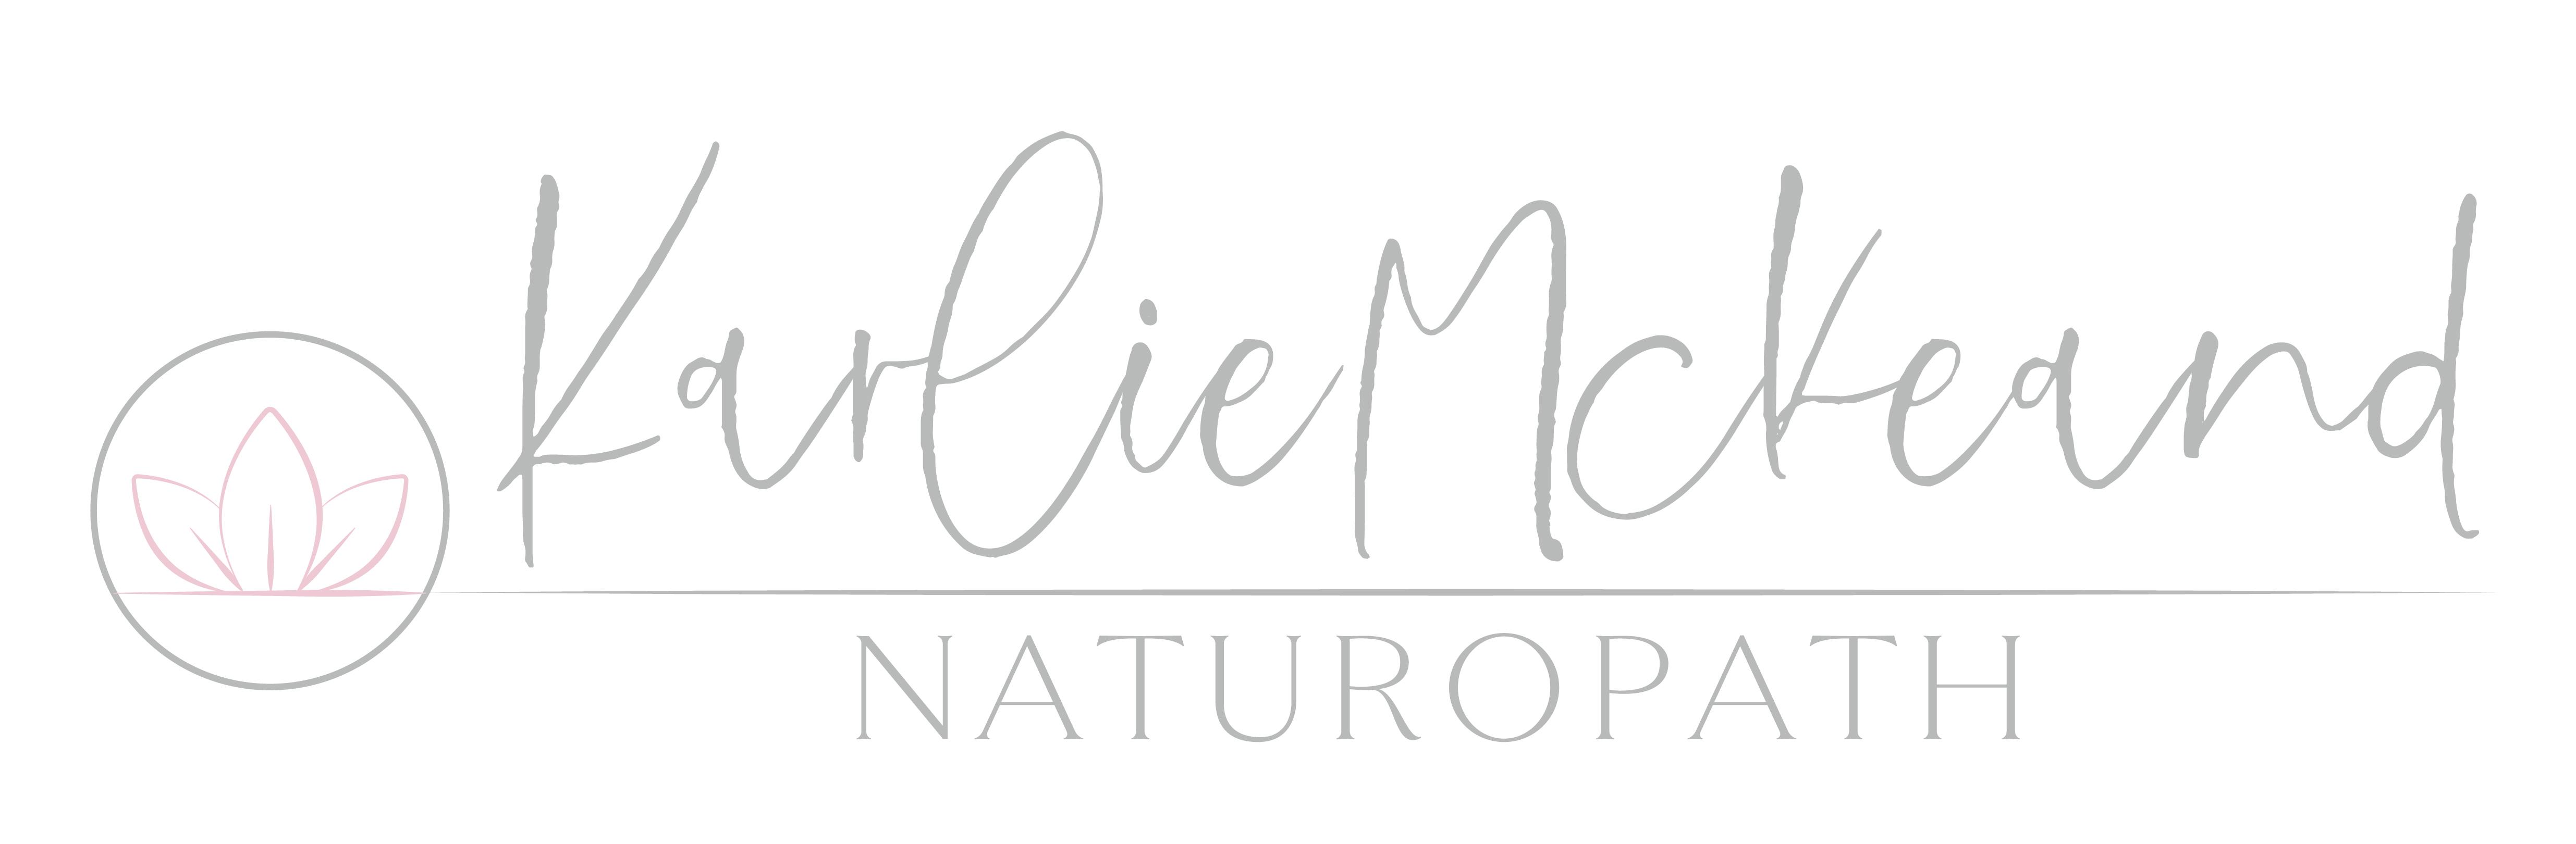 Karlie McKeand Naturopath